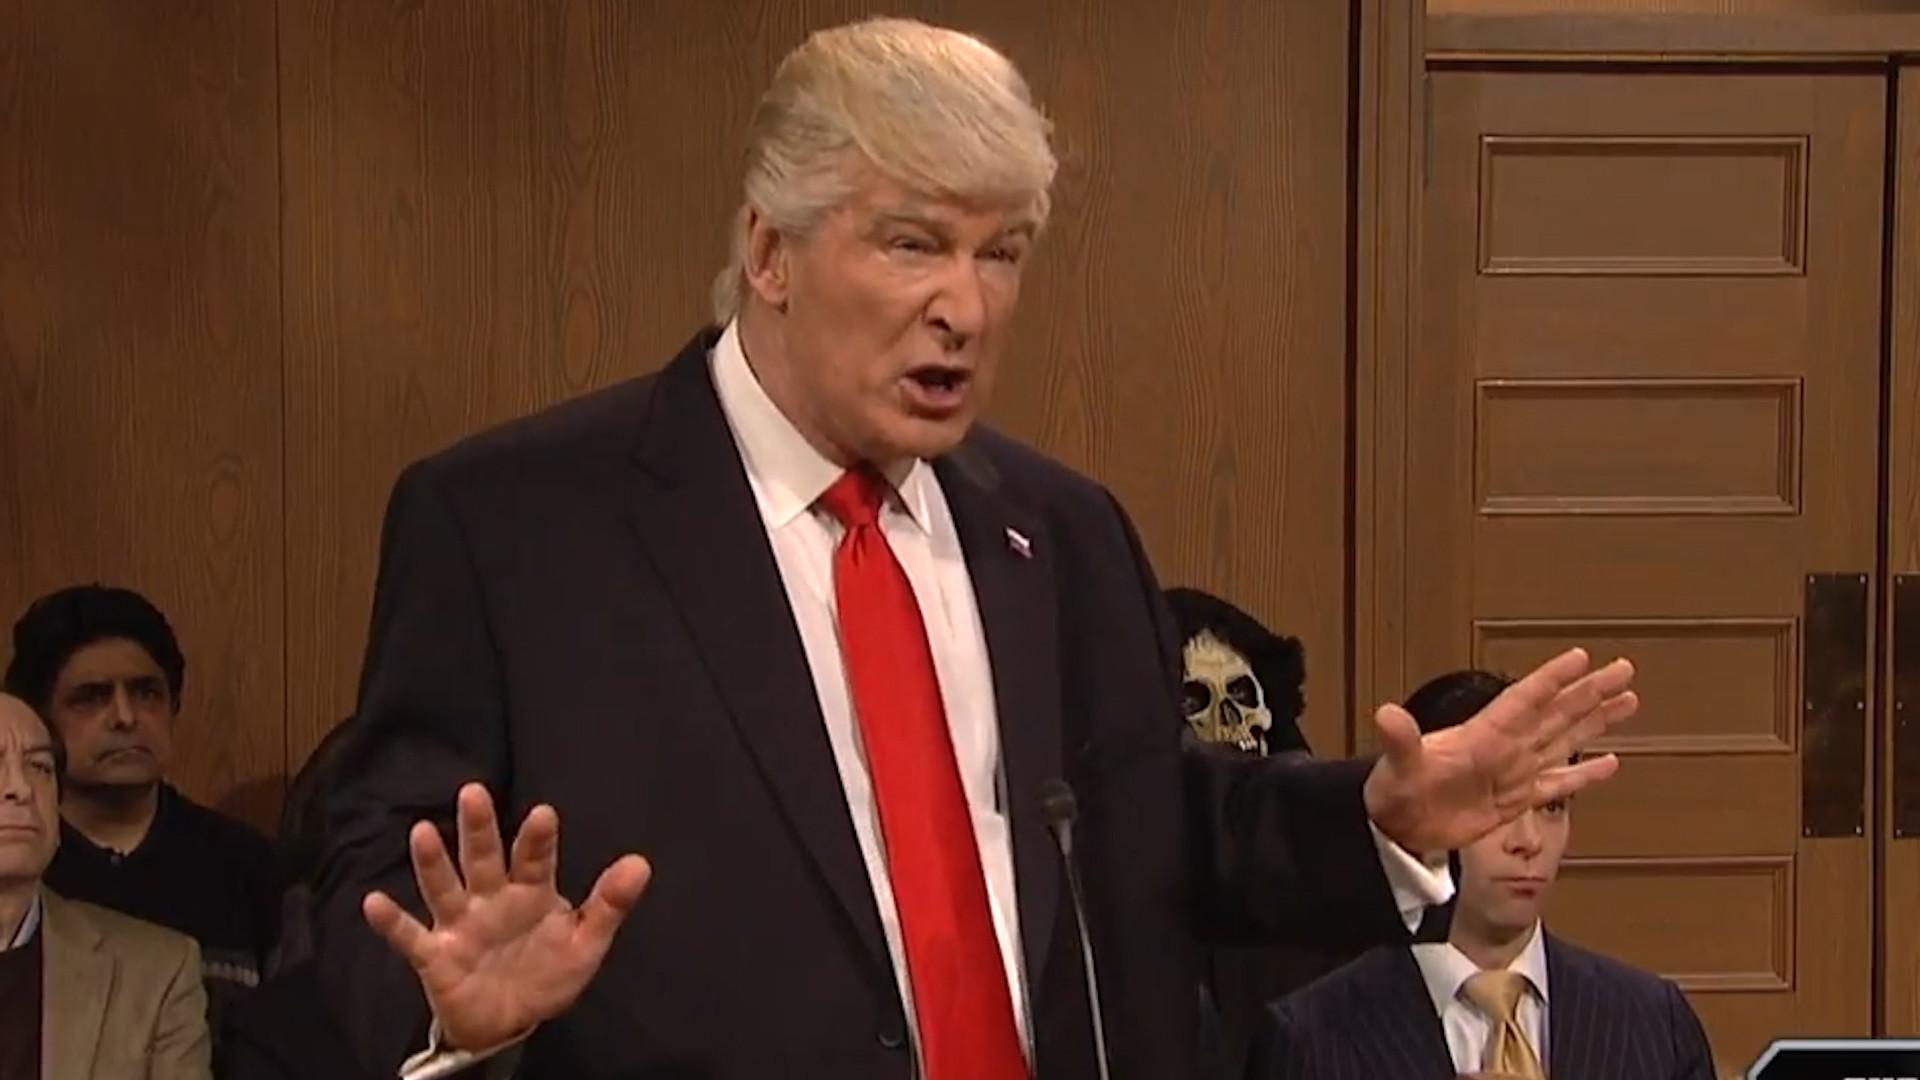 Alec Baldwin returns as Donald Trump in SNL